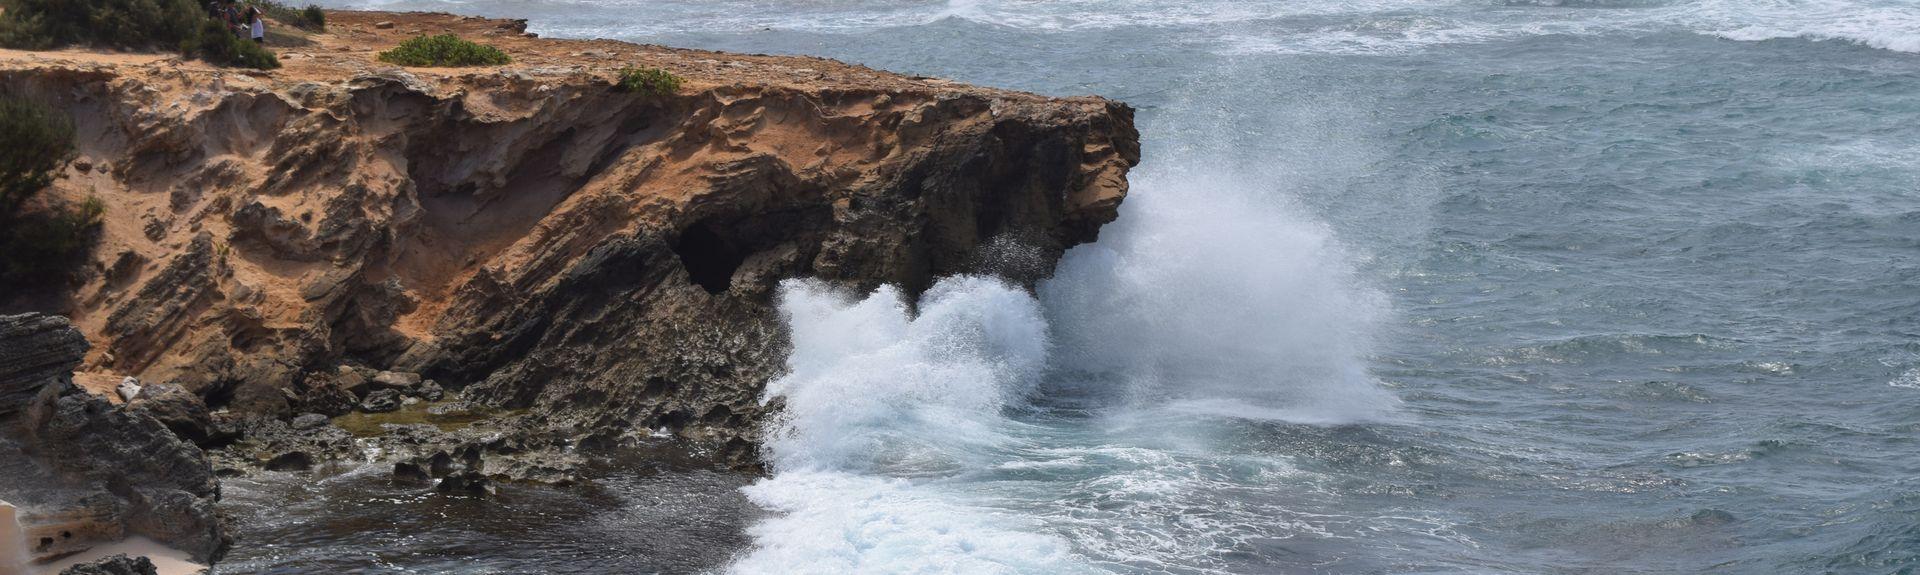 Lawai, Hawaii, USA